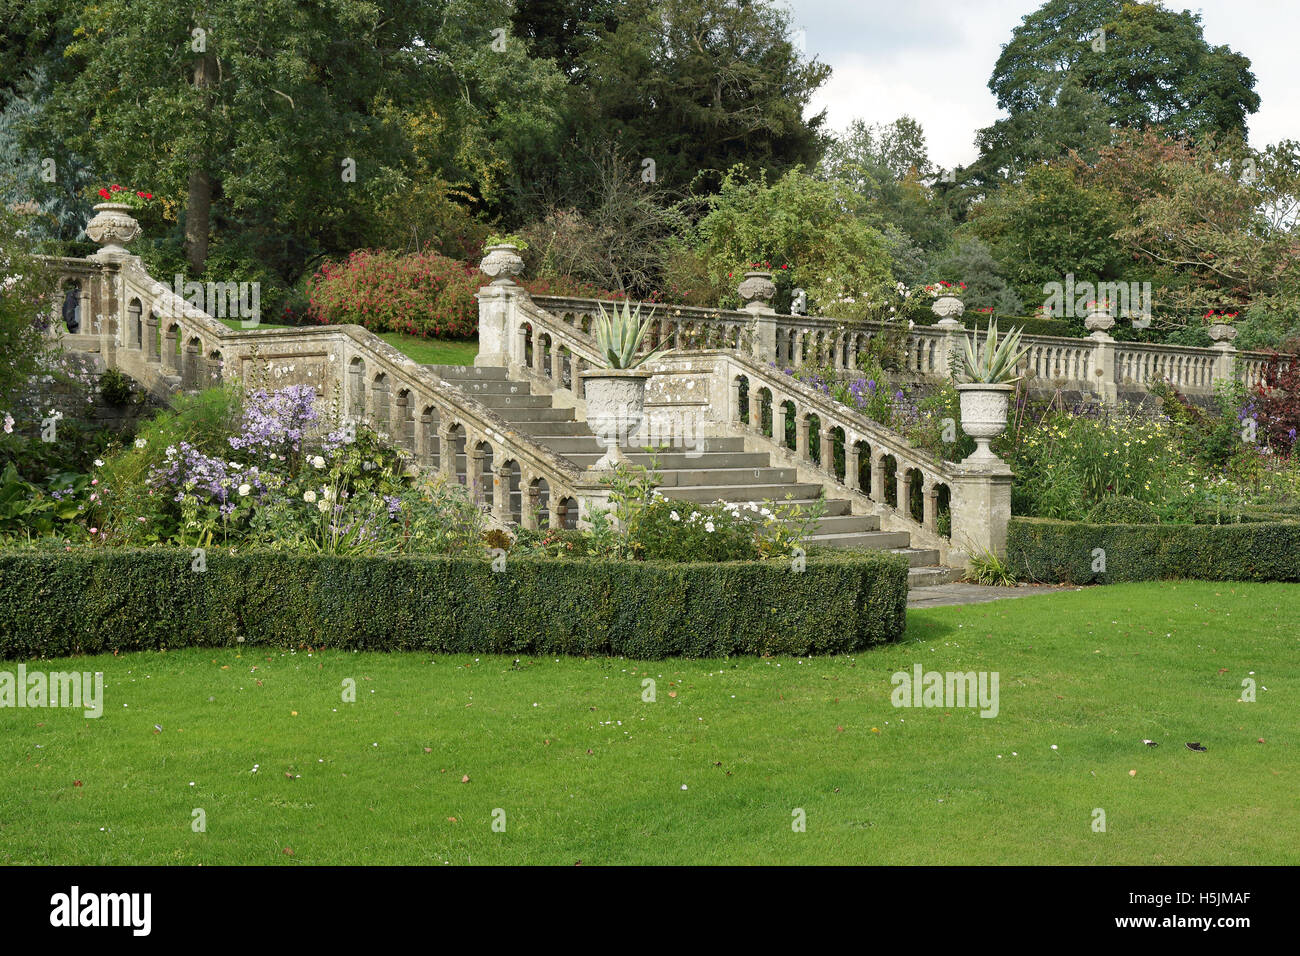 Eine formale englischer Landschaftsgarten mit Hedging-Box und steinernen Stufen und Geländer Stockbild